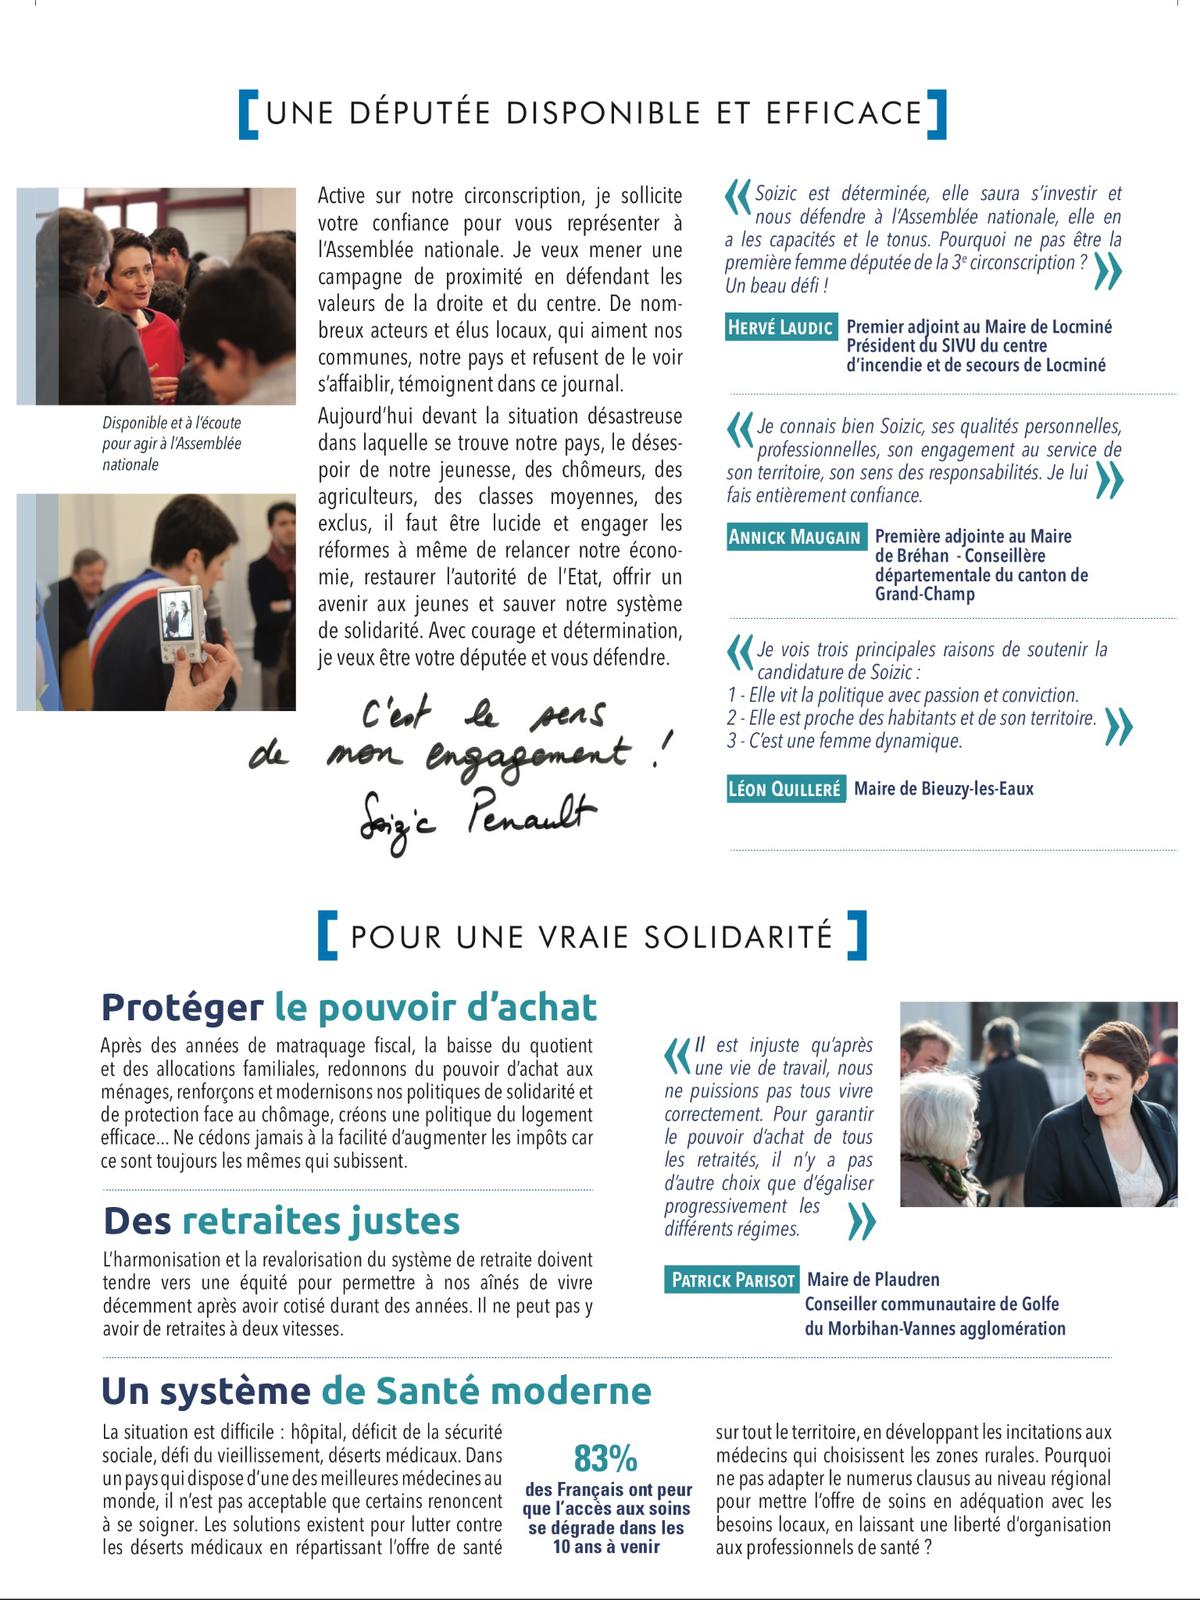 Elections législatives des 11 et 18 Juin 2017 - Soizic Perrault Pour vous Pour le Morbihan